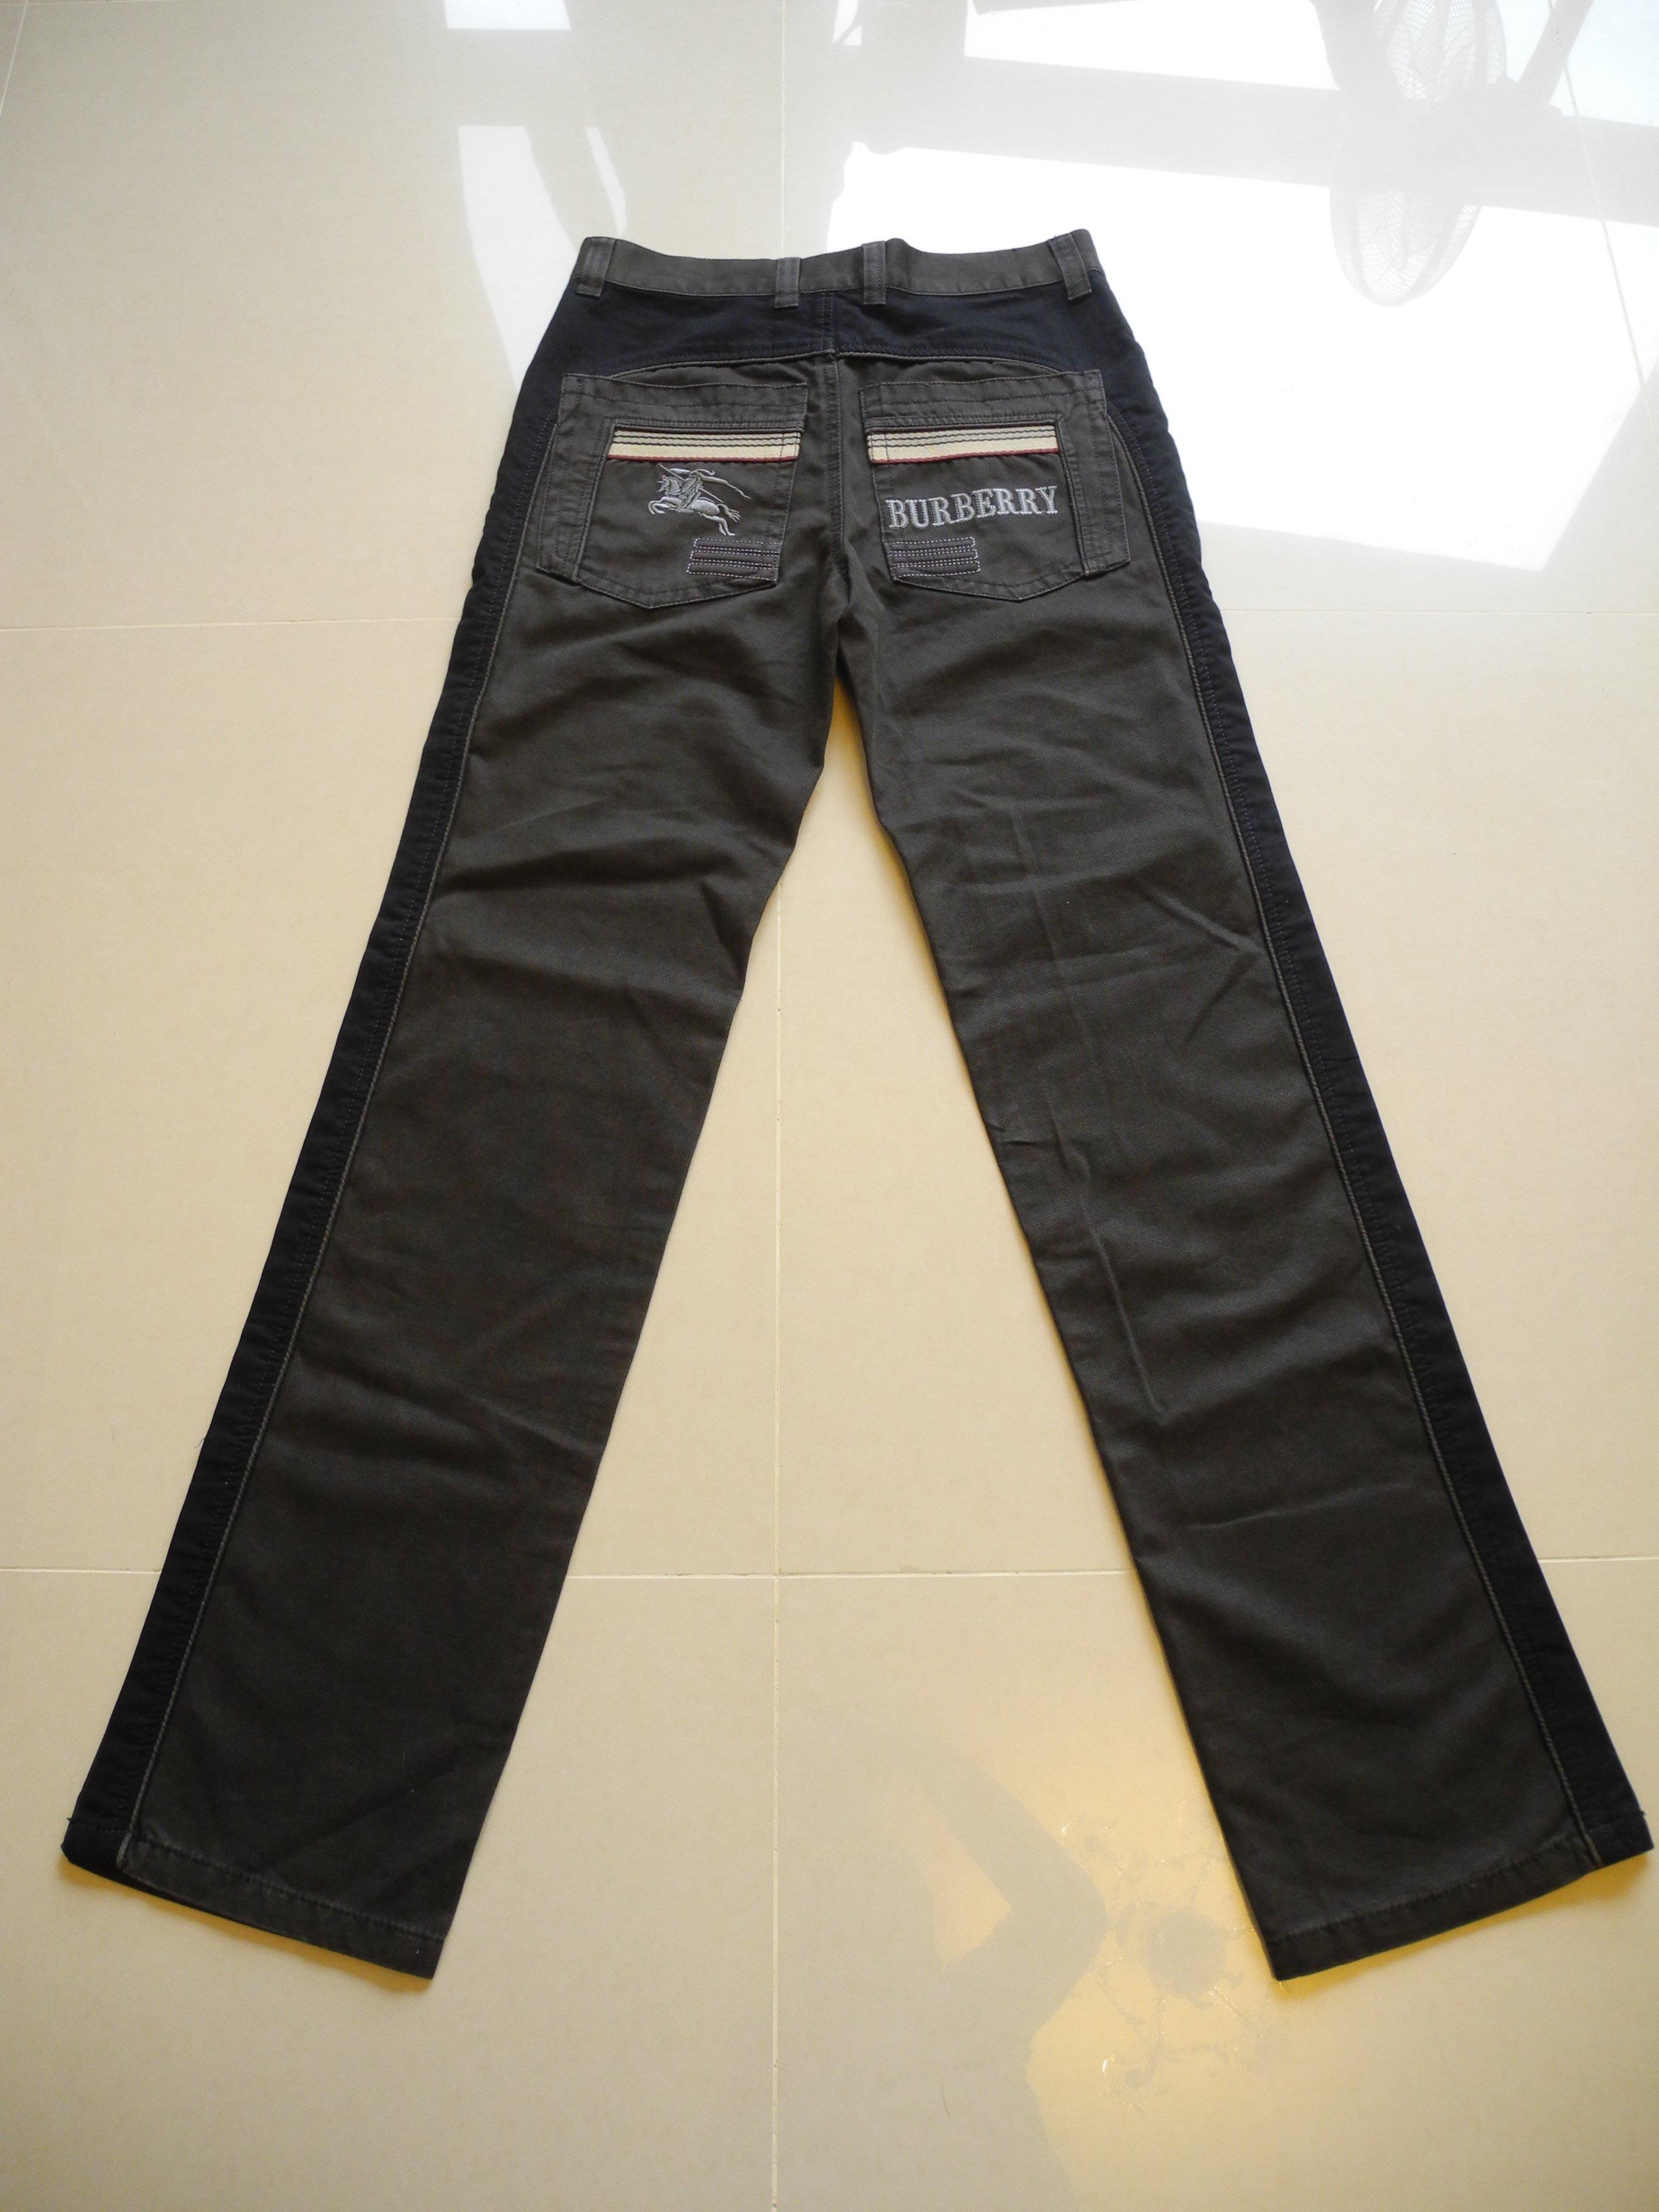 Burberry咖啡色拼接修身直筒牛仔褲 休閒褲 腰圍31 褲長112cm 臀圍平量50cm 漂亮極新沒有汙損